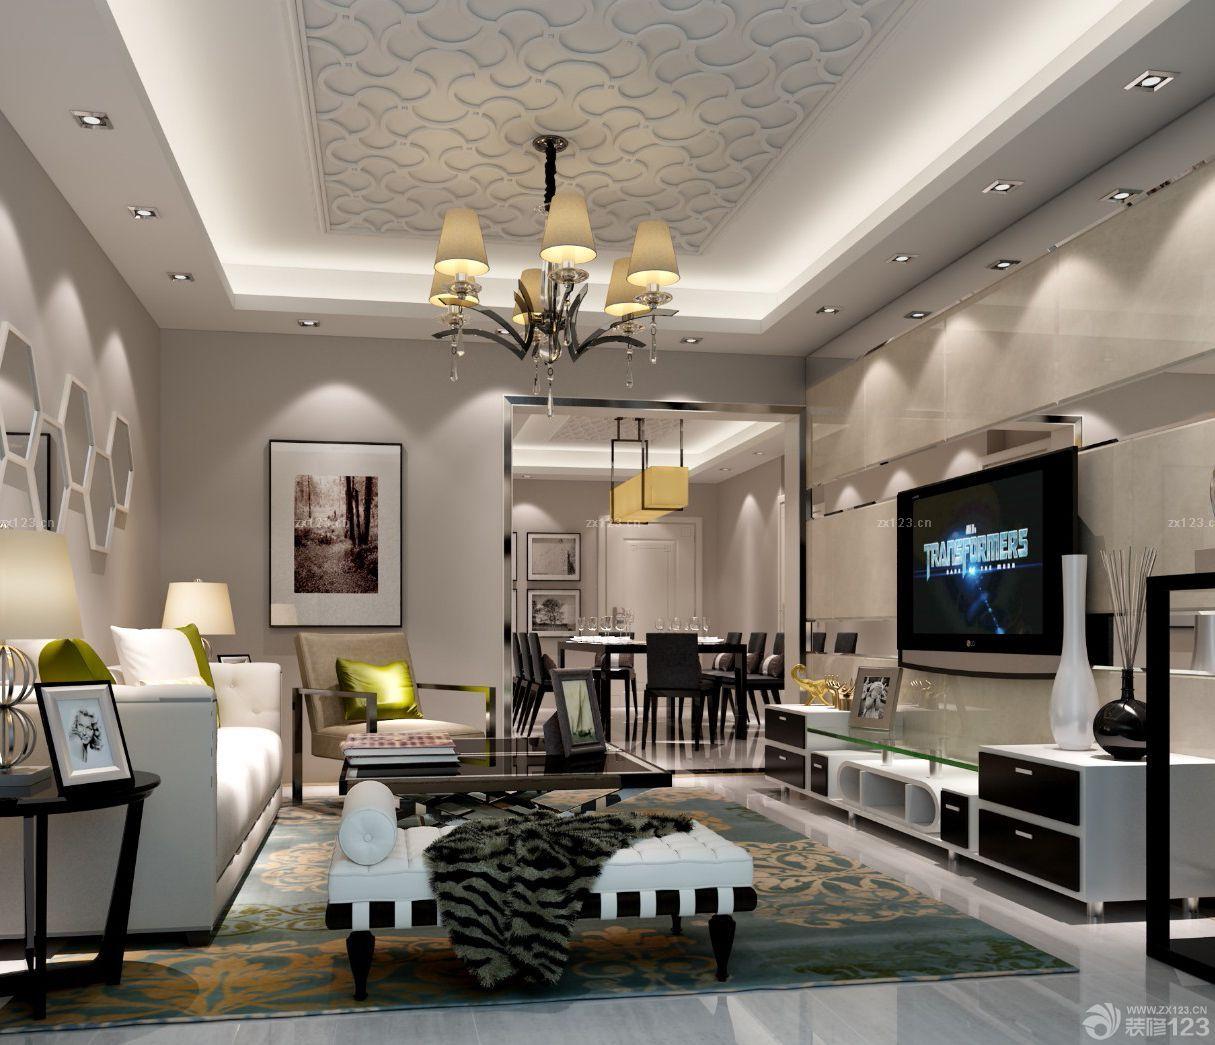 现代美式风格90平方米房屋装修效果图图片